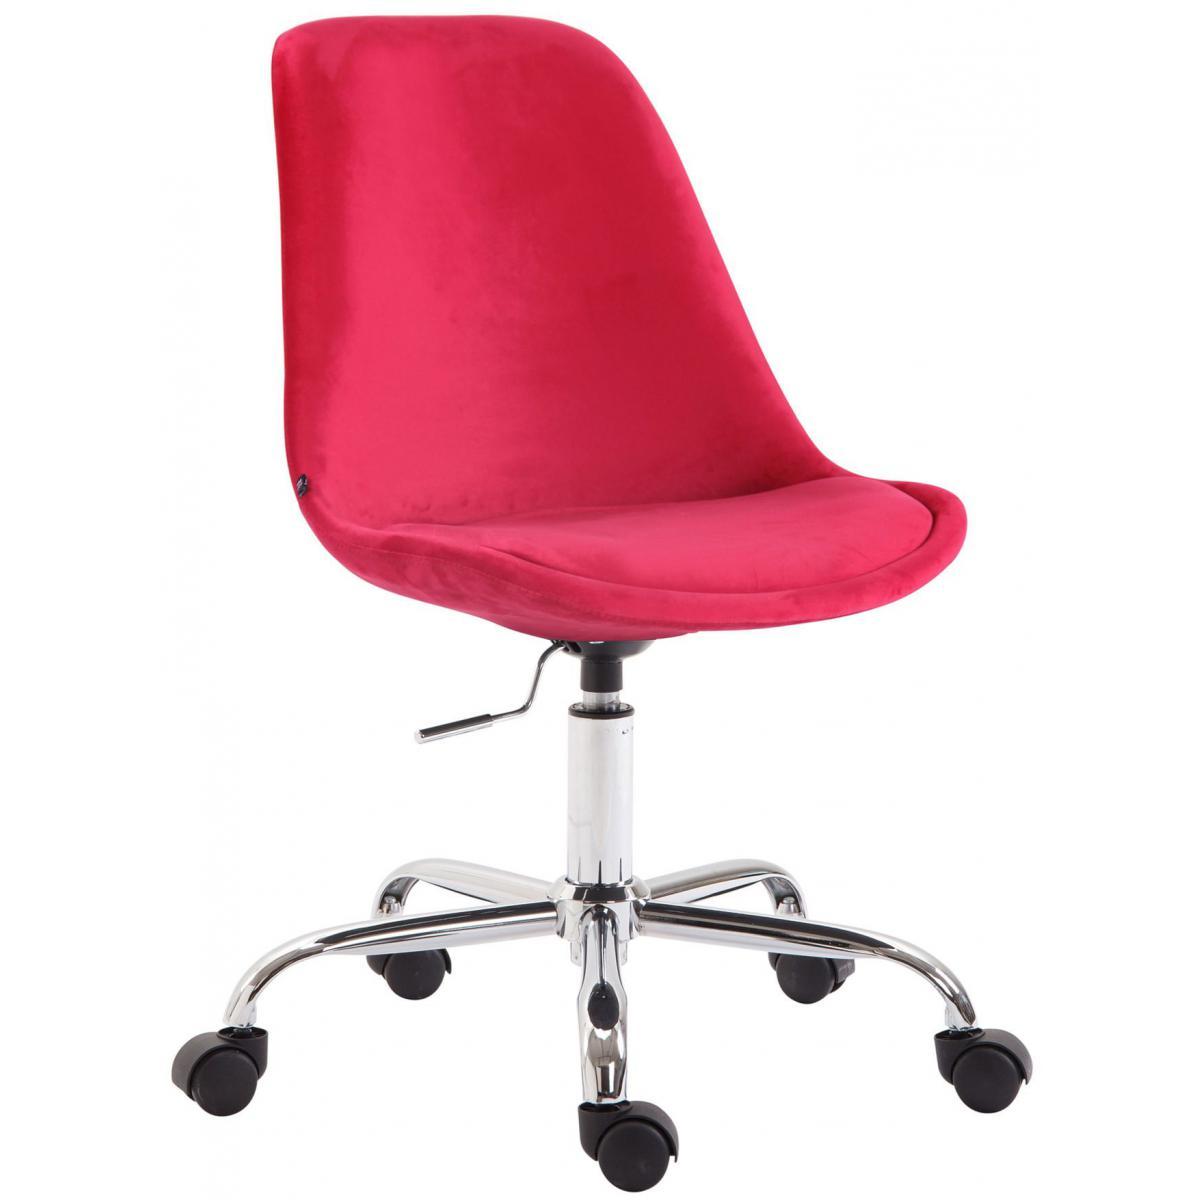 Decoshop26 Chaise de bureau sur roulettes en tissu velours rouge BUR10354